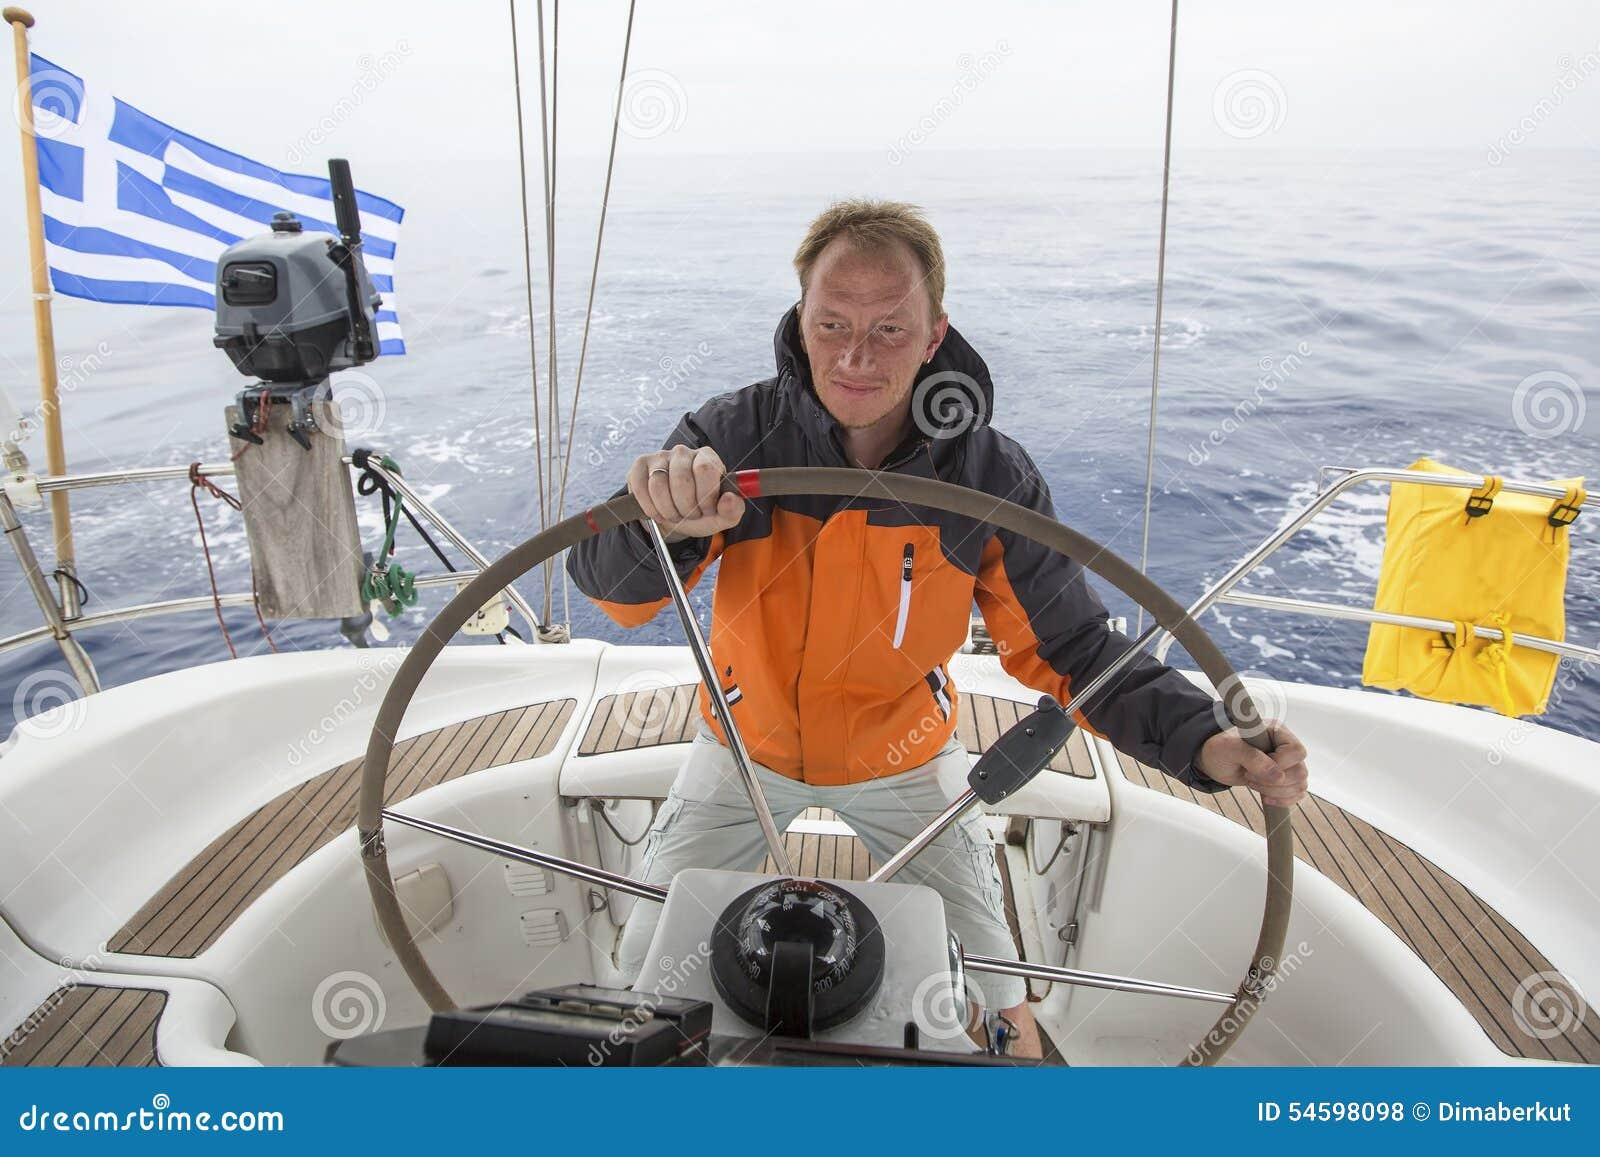 De kapitein drijft de zeilboot in de open zee yachting sailing